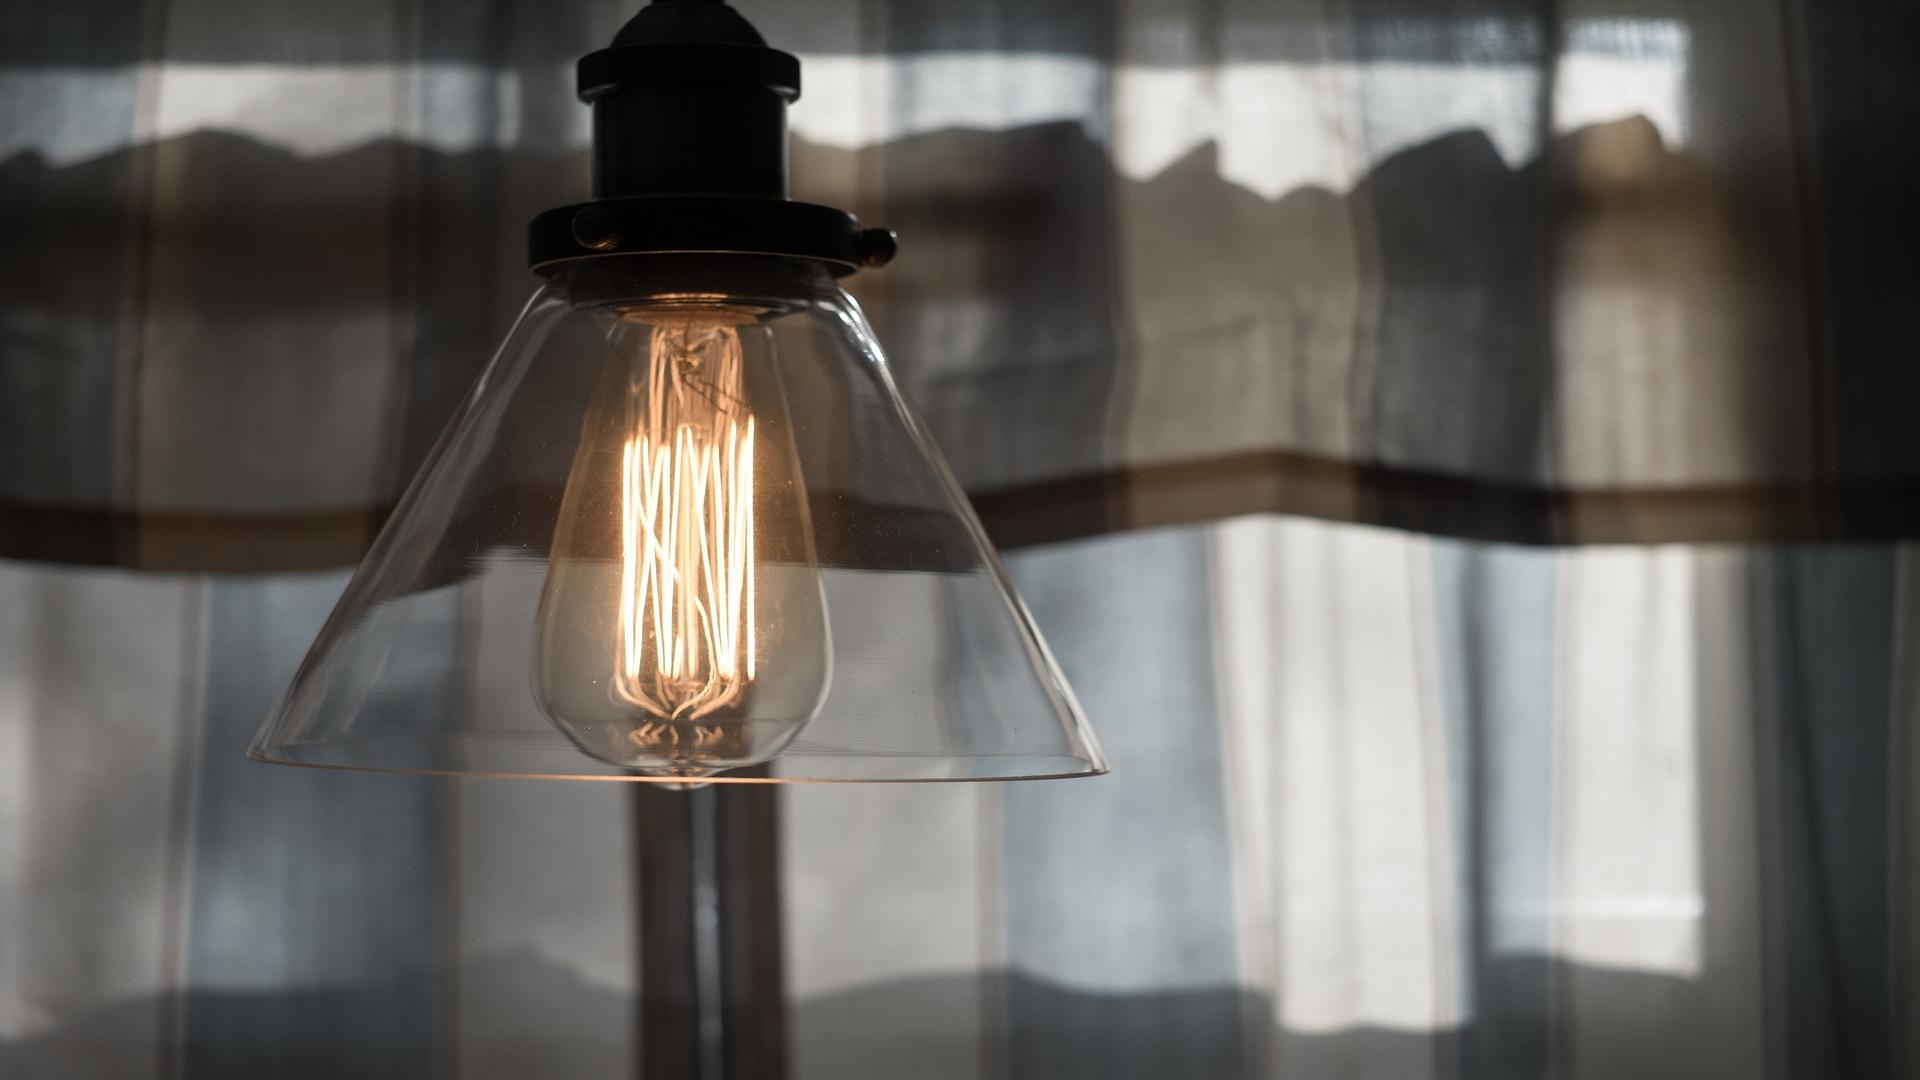 Entender la factura de la luz 1920